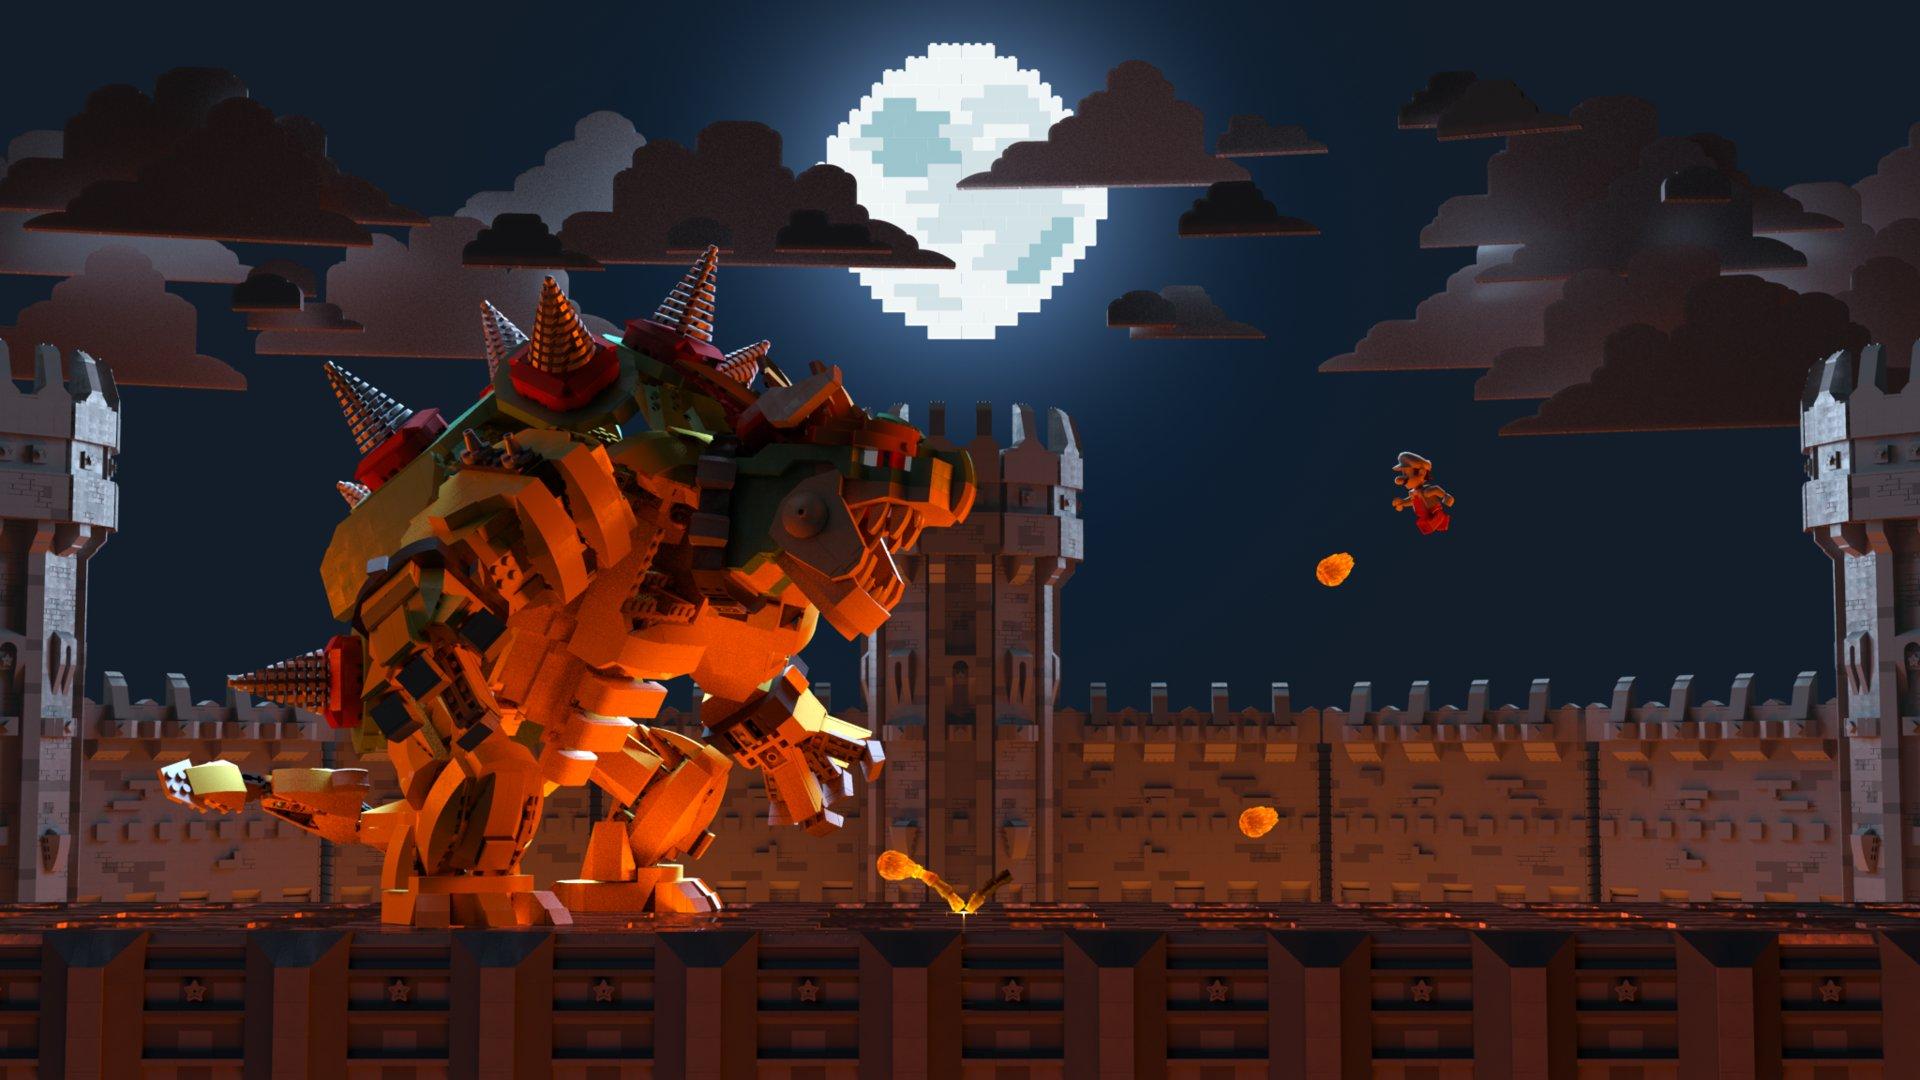 Mario 3d Wallpaper Simon Bau Mario Vs Bowser Lego Style